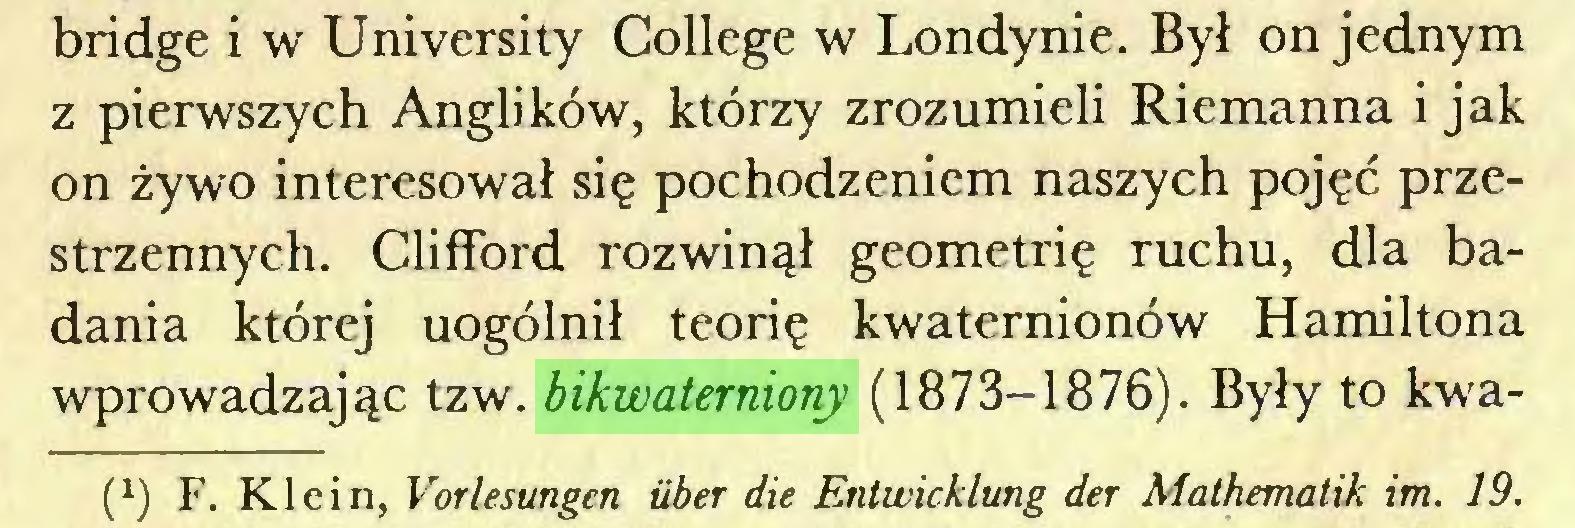 (...) bridge i w University College w Londynie. Był on jednym z pierwszych Anglików, którzy zrozumieli Riemanna i jak on żywo interesował się pochodzeniem naszych pojęć przestrzennych. Clifford rozwinął geometrię ruchu, dla badania której uogólnił teorię kwaternionów Hamiltona wprowadzając tzw. bikwaterniony (1873-1876). Były to kwaf1) F. Klein, Vorlesungen über die Entwicklung der Mathematik im. 19...